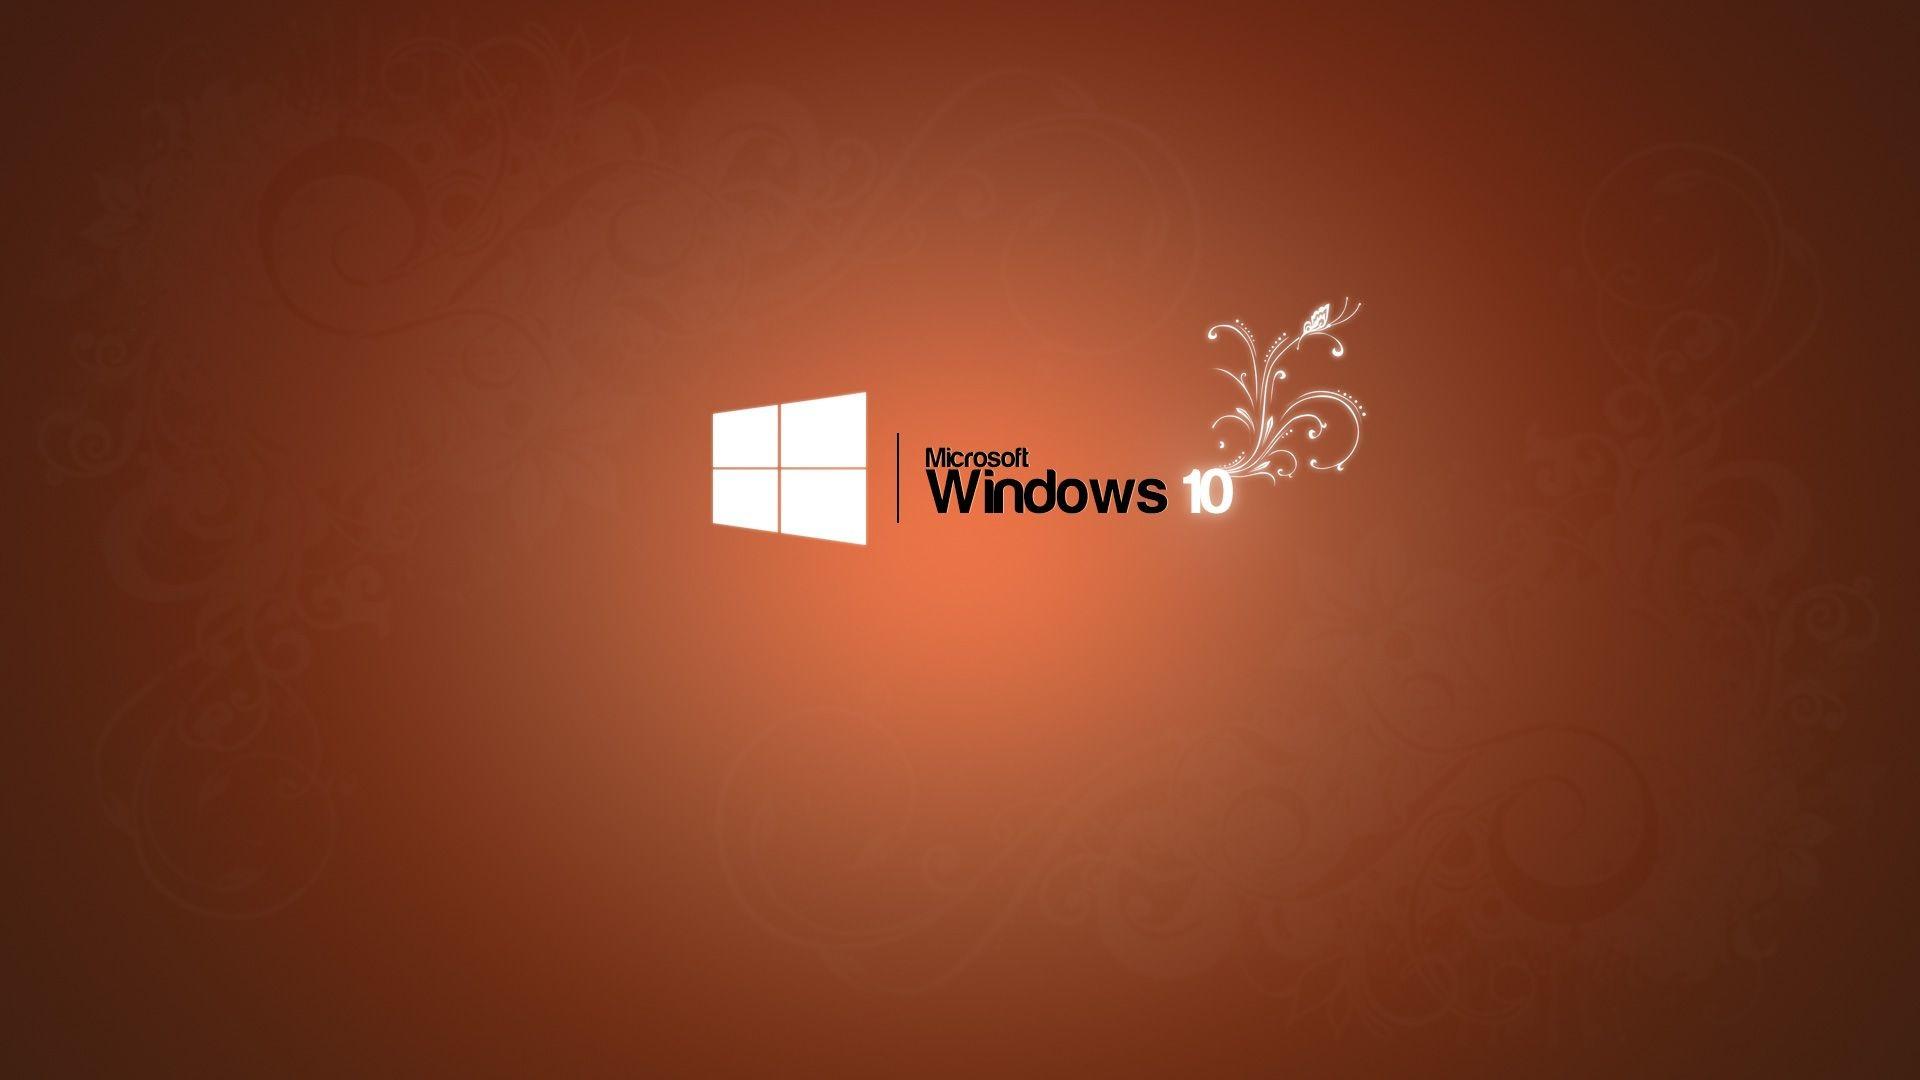 Res: 1920x1080, Minimalist Windows Wallpaper Creative Minimalist Windows